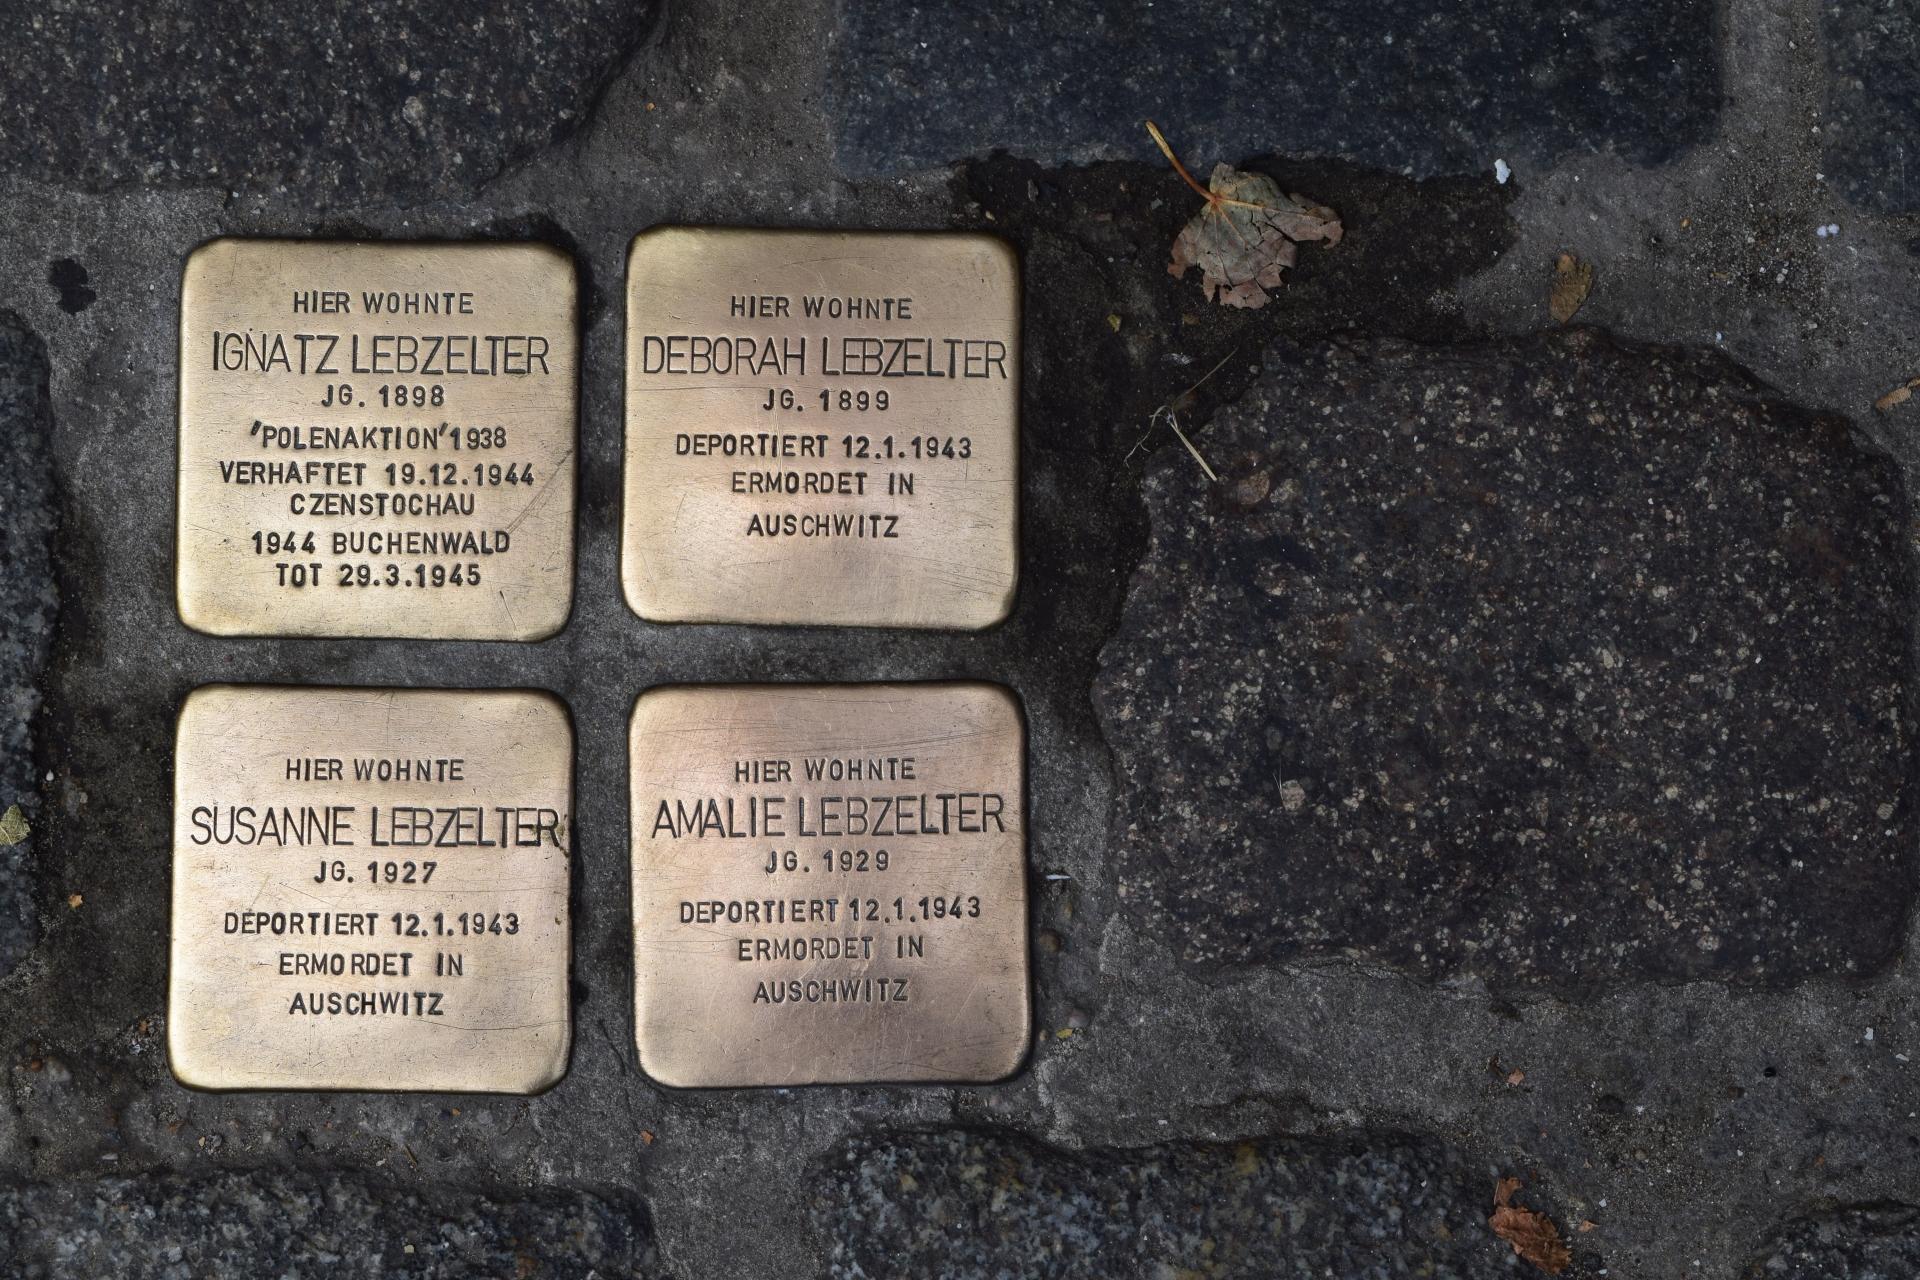 Putzpatenschaft für Stolpersteine übernommen